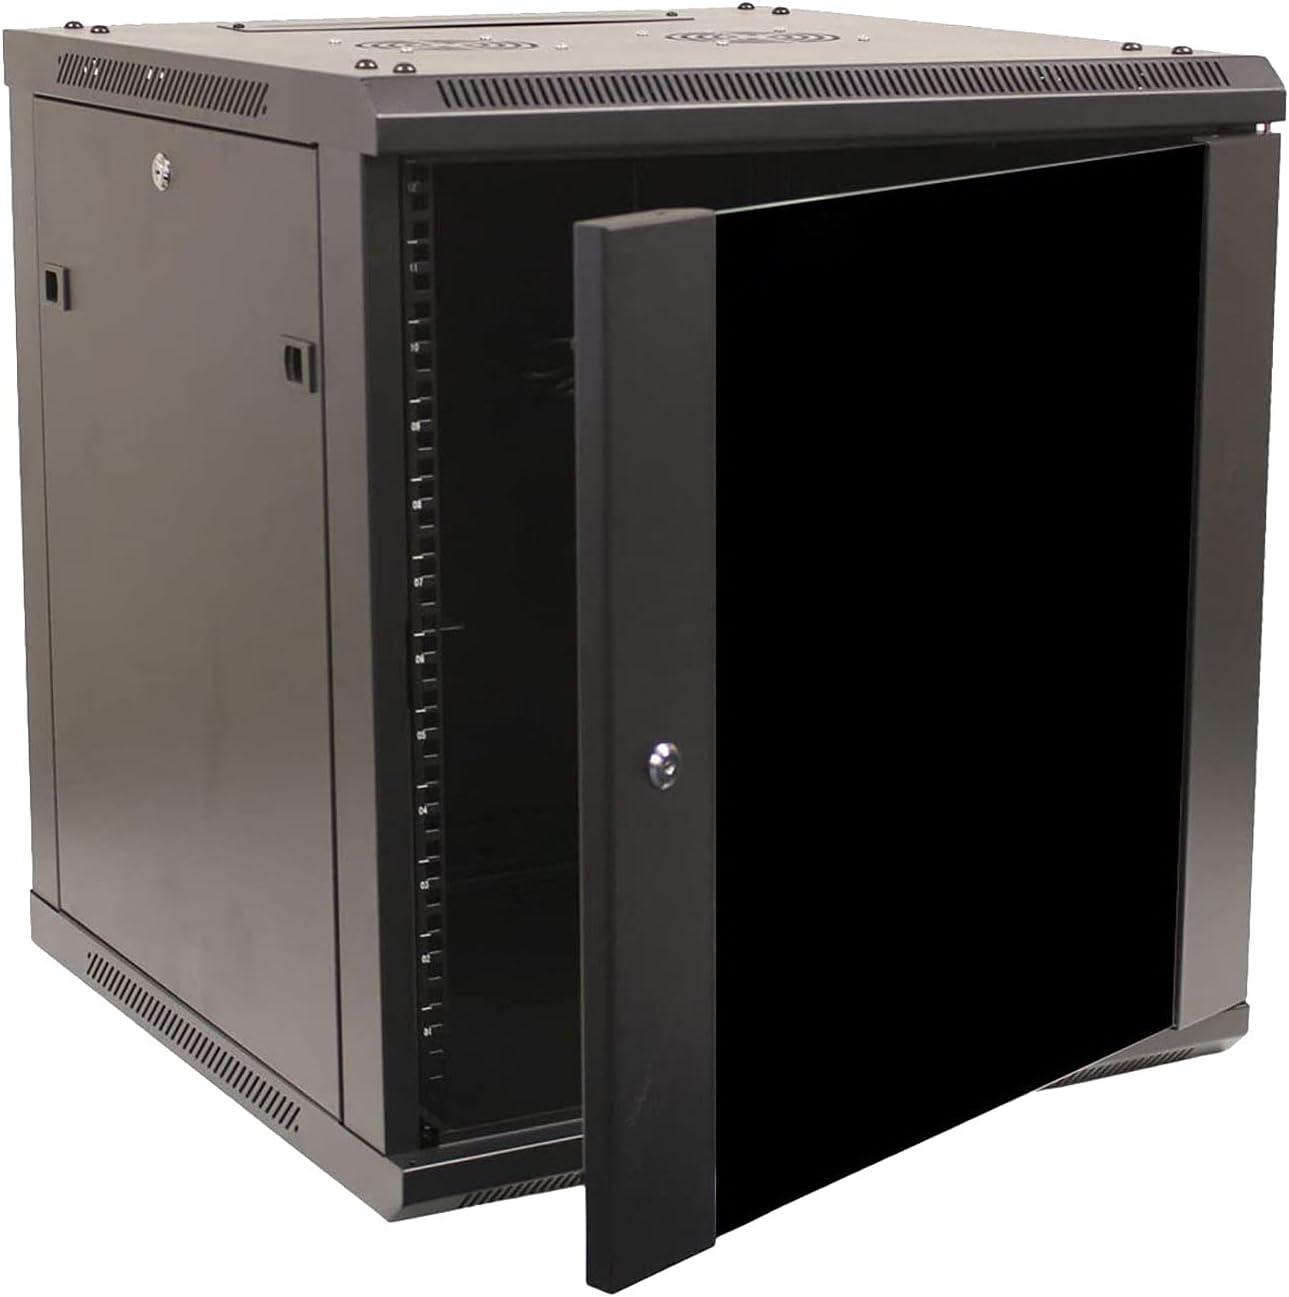 FerruNet12U Cabinet Rack Enclosure Glass Door Lock,Wall Mount Network Server 600mm Depth,ApplytoNetworkWiringRoom,ComputerRoom,DataRoom,ControlCenter,Home,Office,etc.